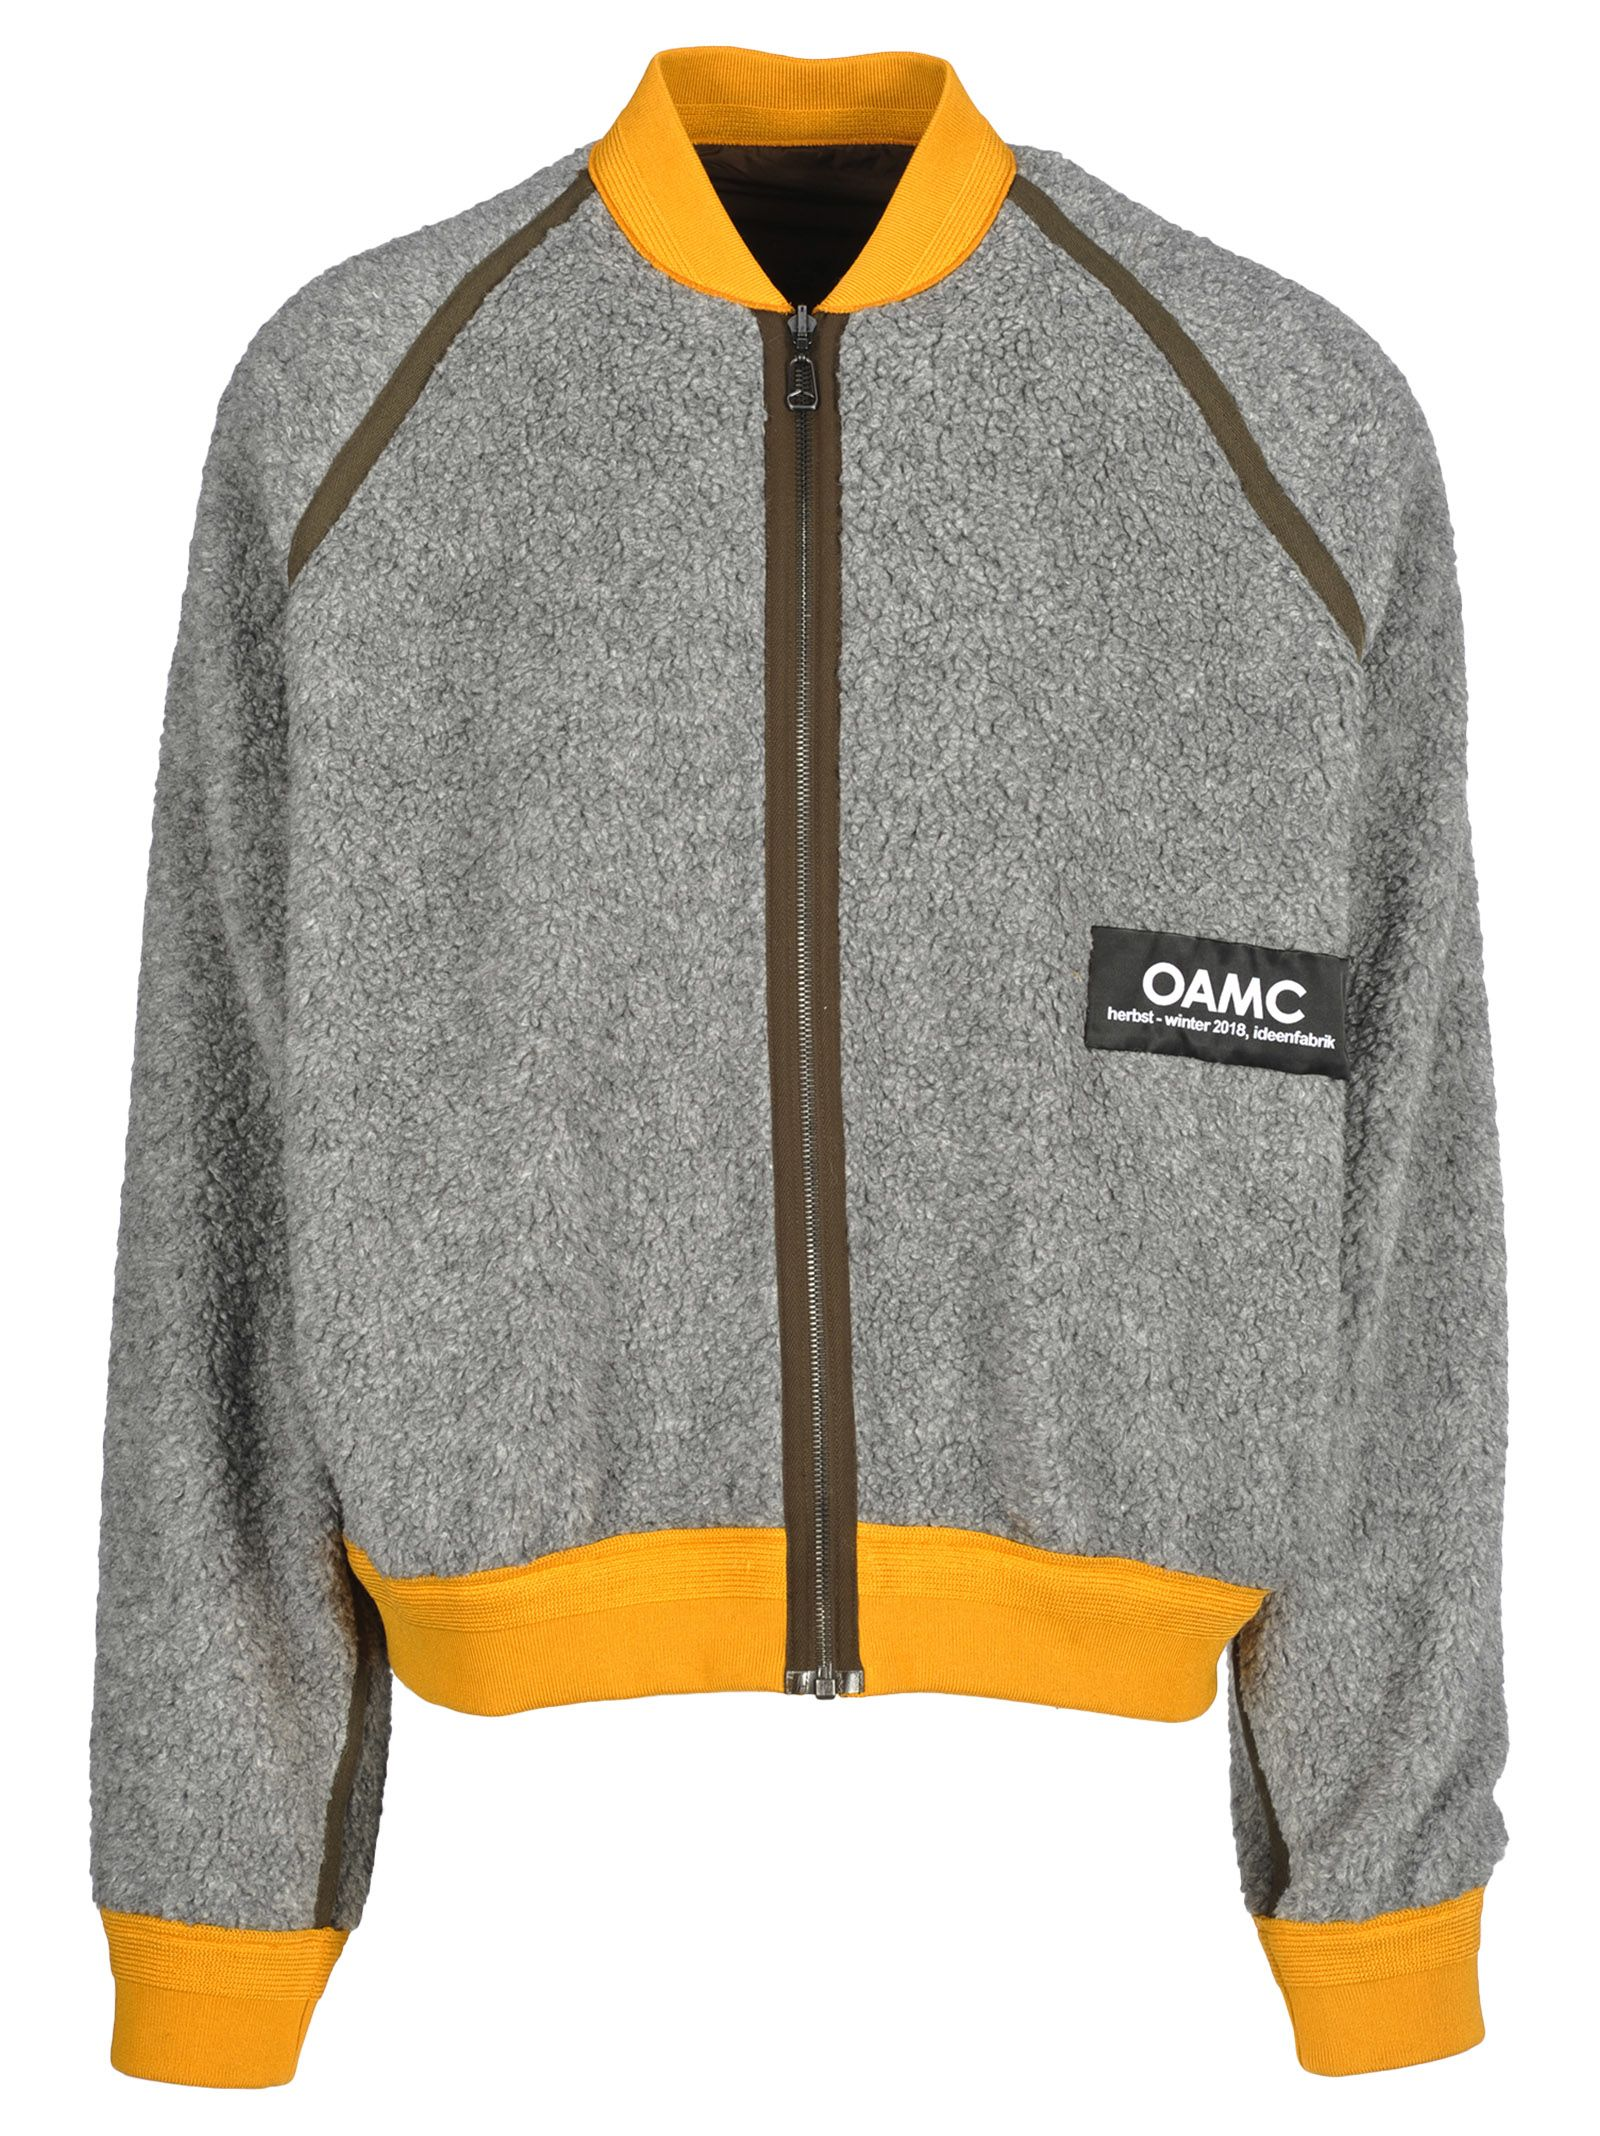 Oamc Track Jacket